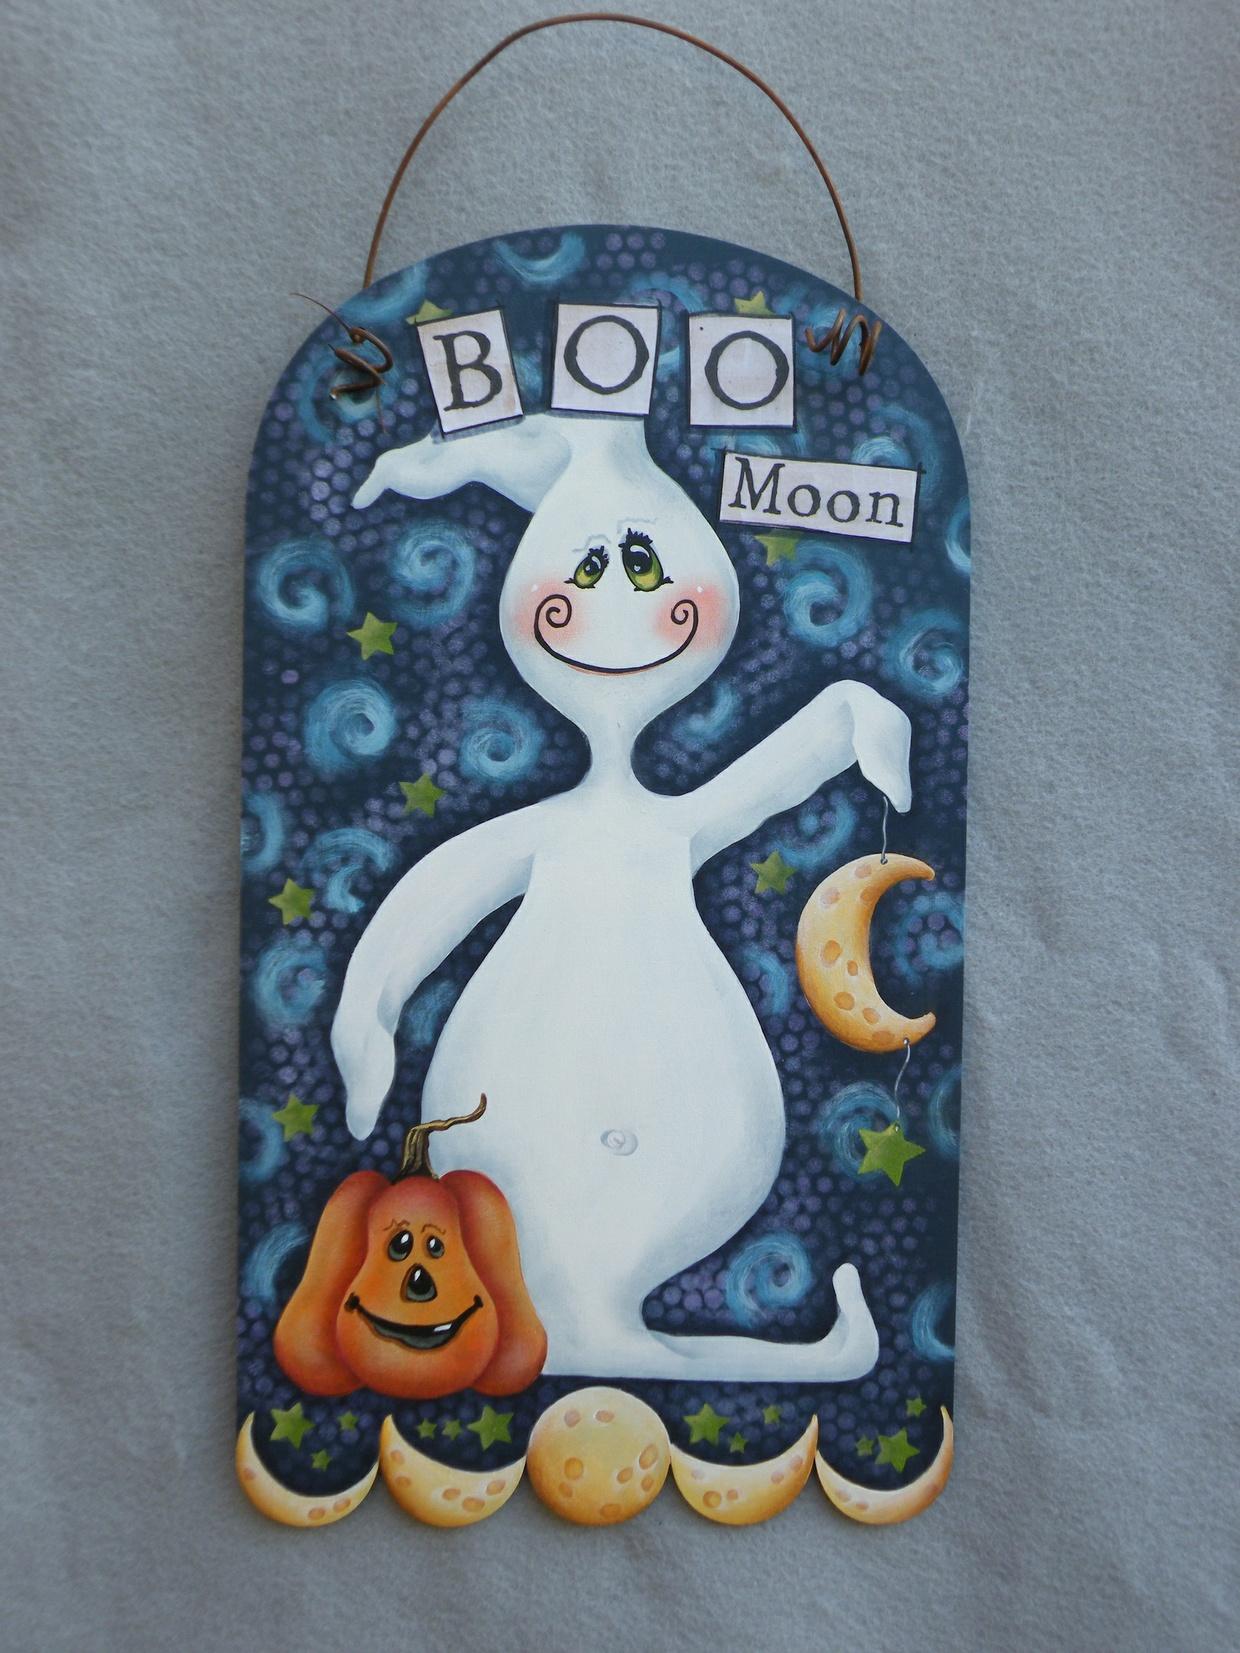 e569 BOO Moon